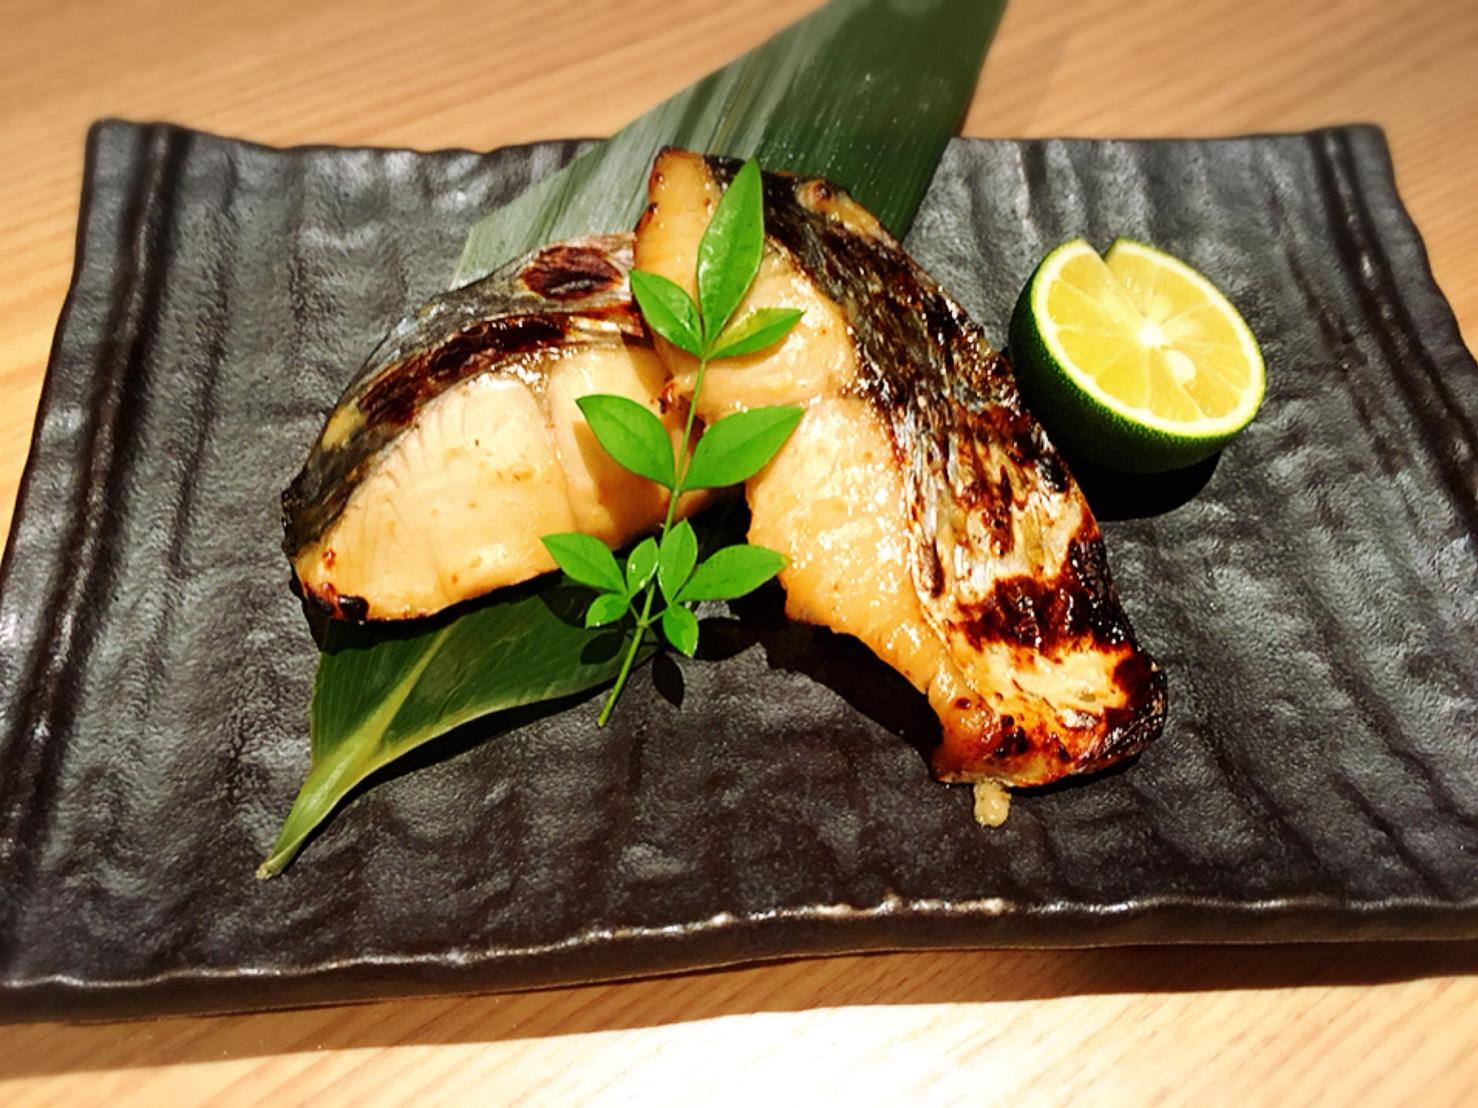 【池袋駅】大宴会もできる!九州料理の「福栄組合 池袋店」の幻の味噌漬けサワラ